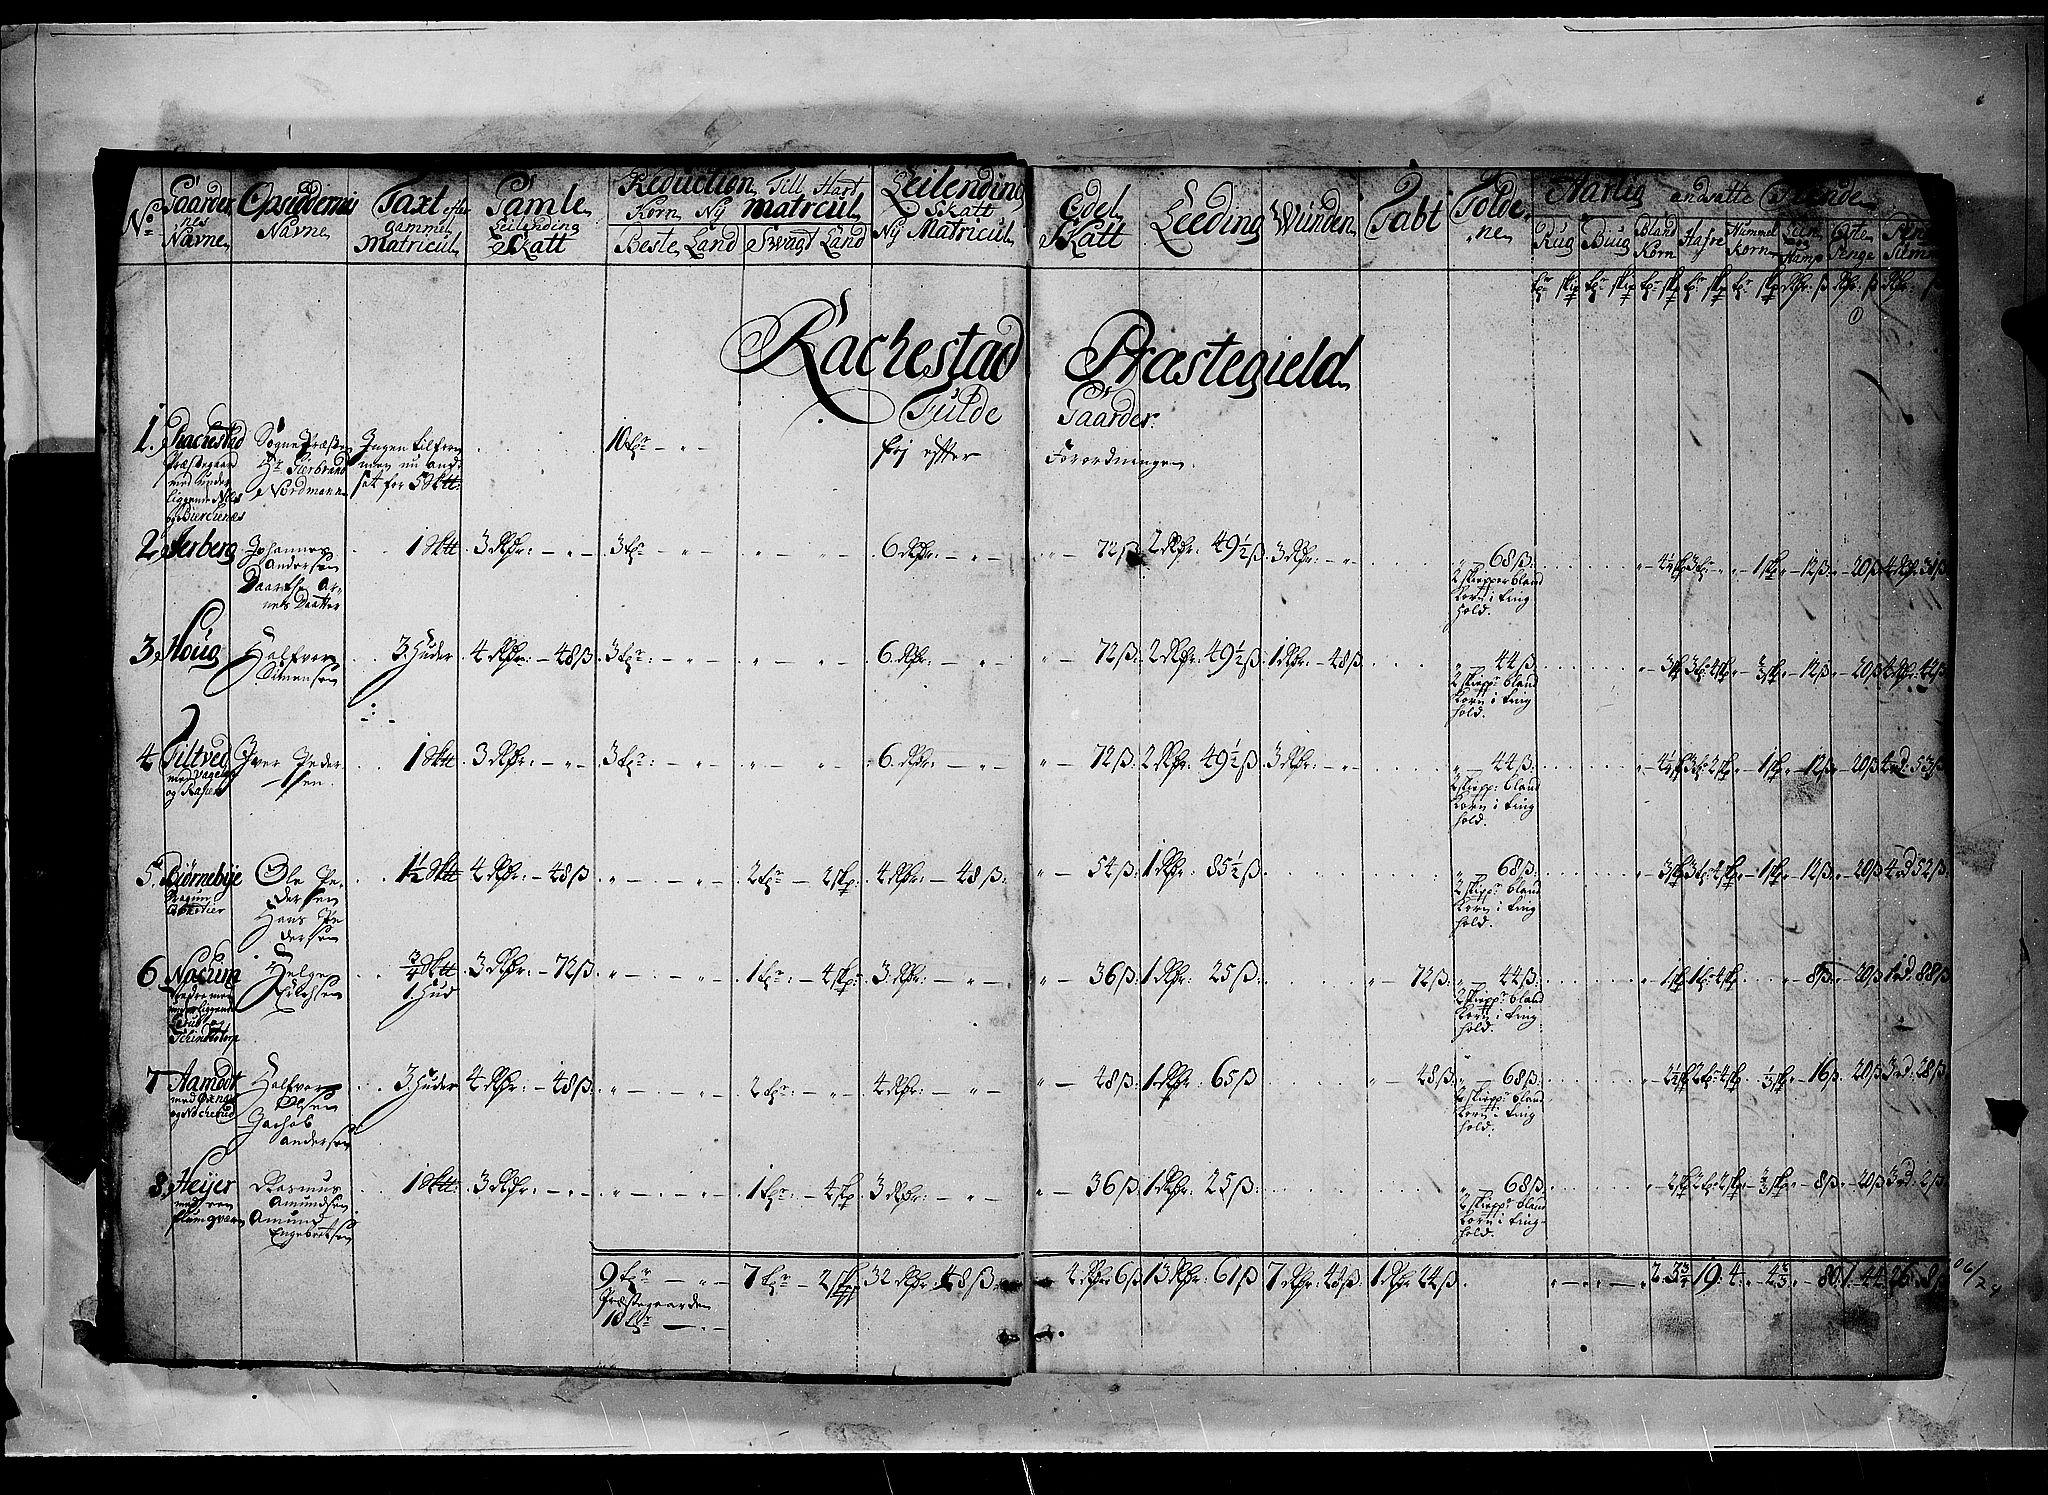 RA, Rentekammeret inntil 1814, Realistisk ordnet avdeling, N/Nb/Nbf/L0100: Rakkestad, Heggen og Frøland matrikkelprotokoll, 1723, s. 1a